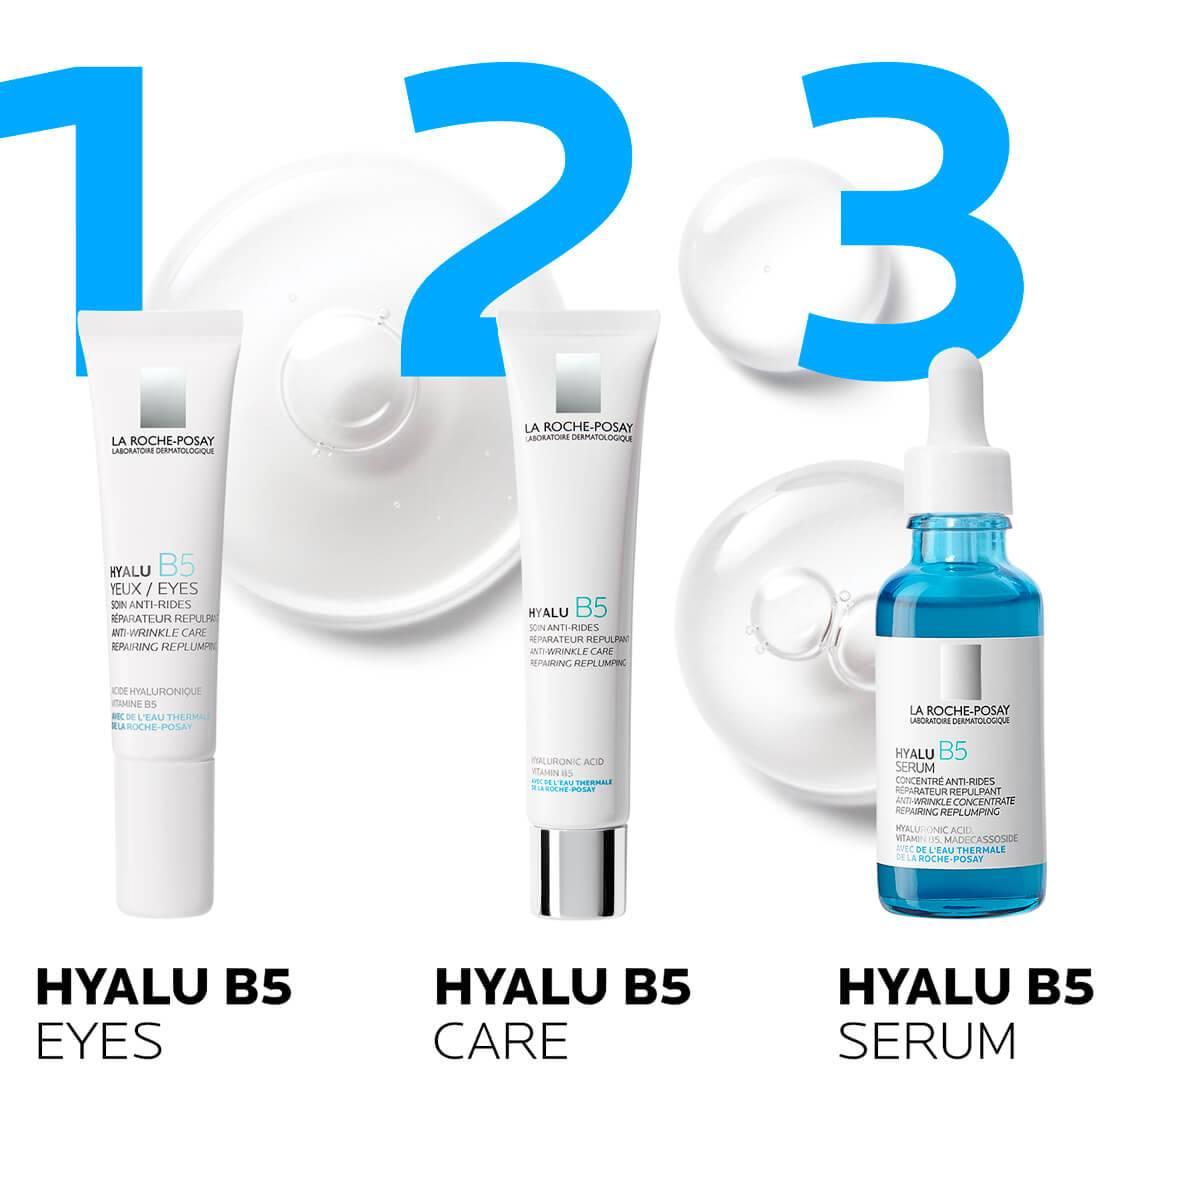 La Roche Posay Produktsida Anti-aging Hyalu B5 Serum 30ml 333787558362 rutin